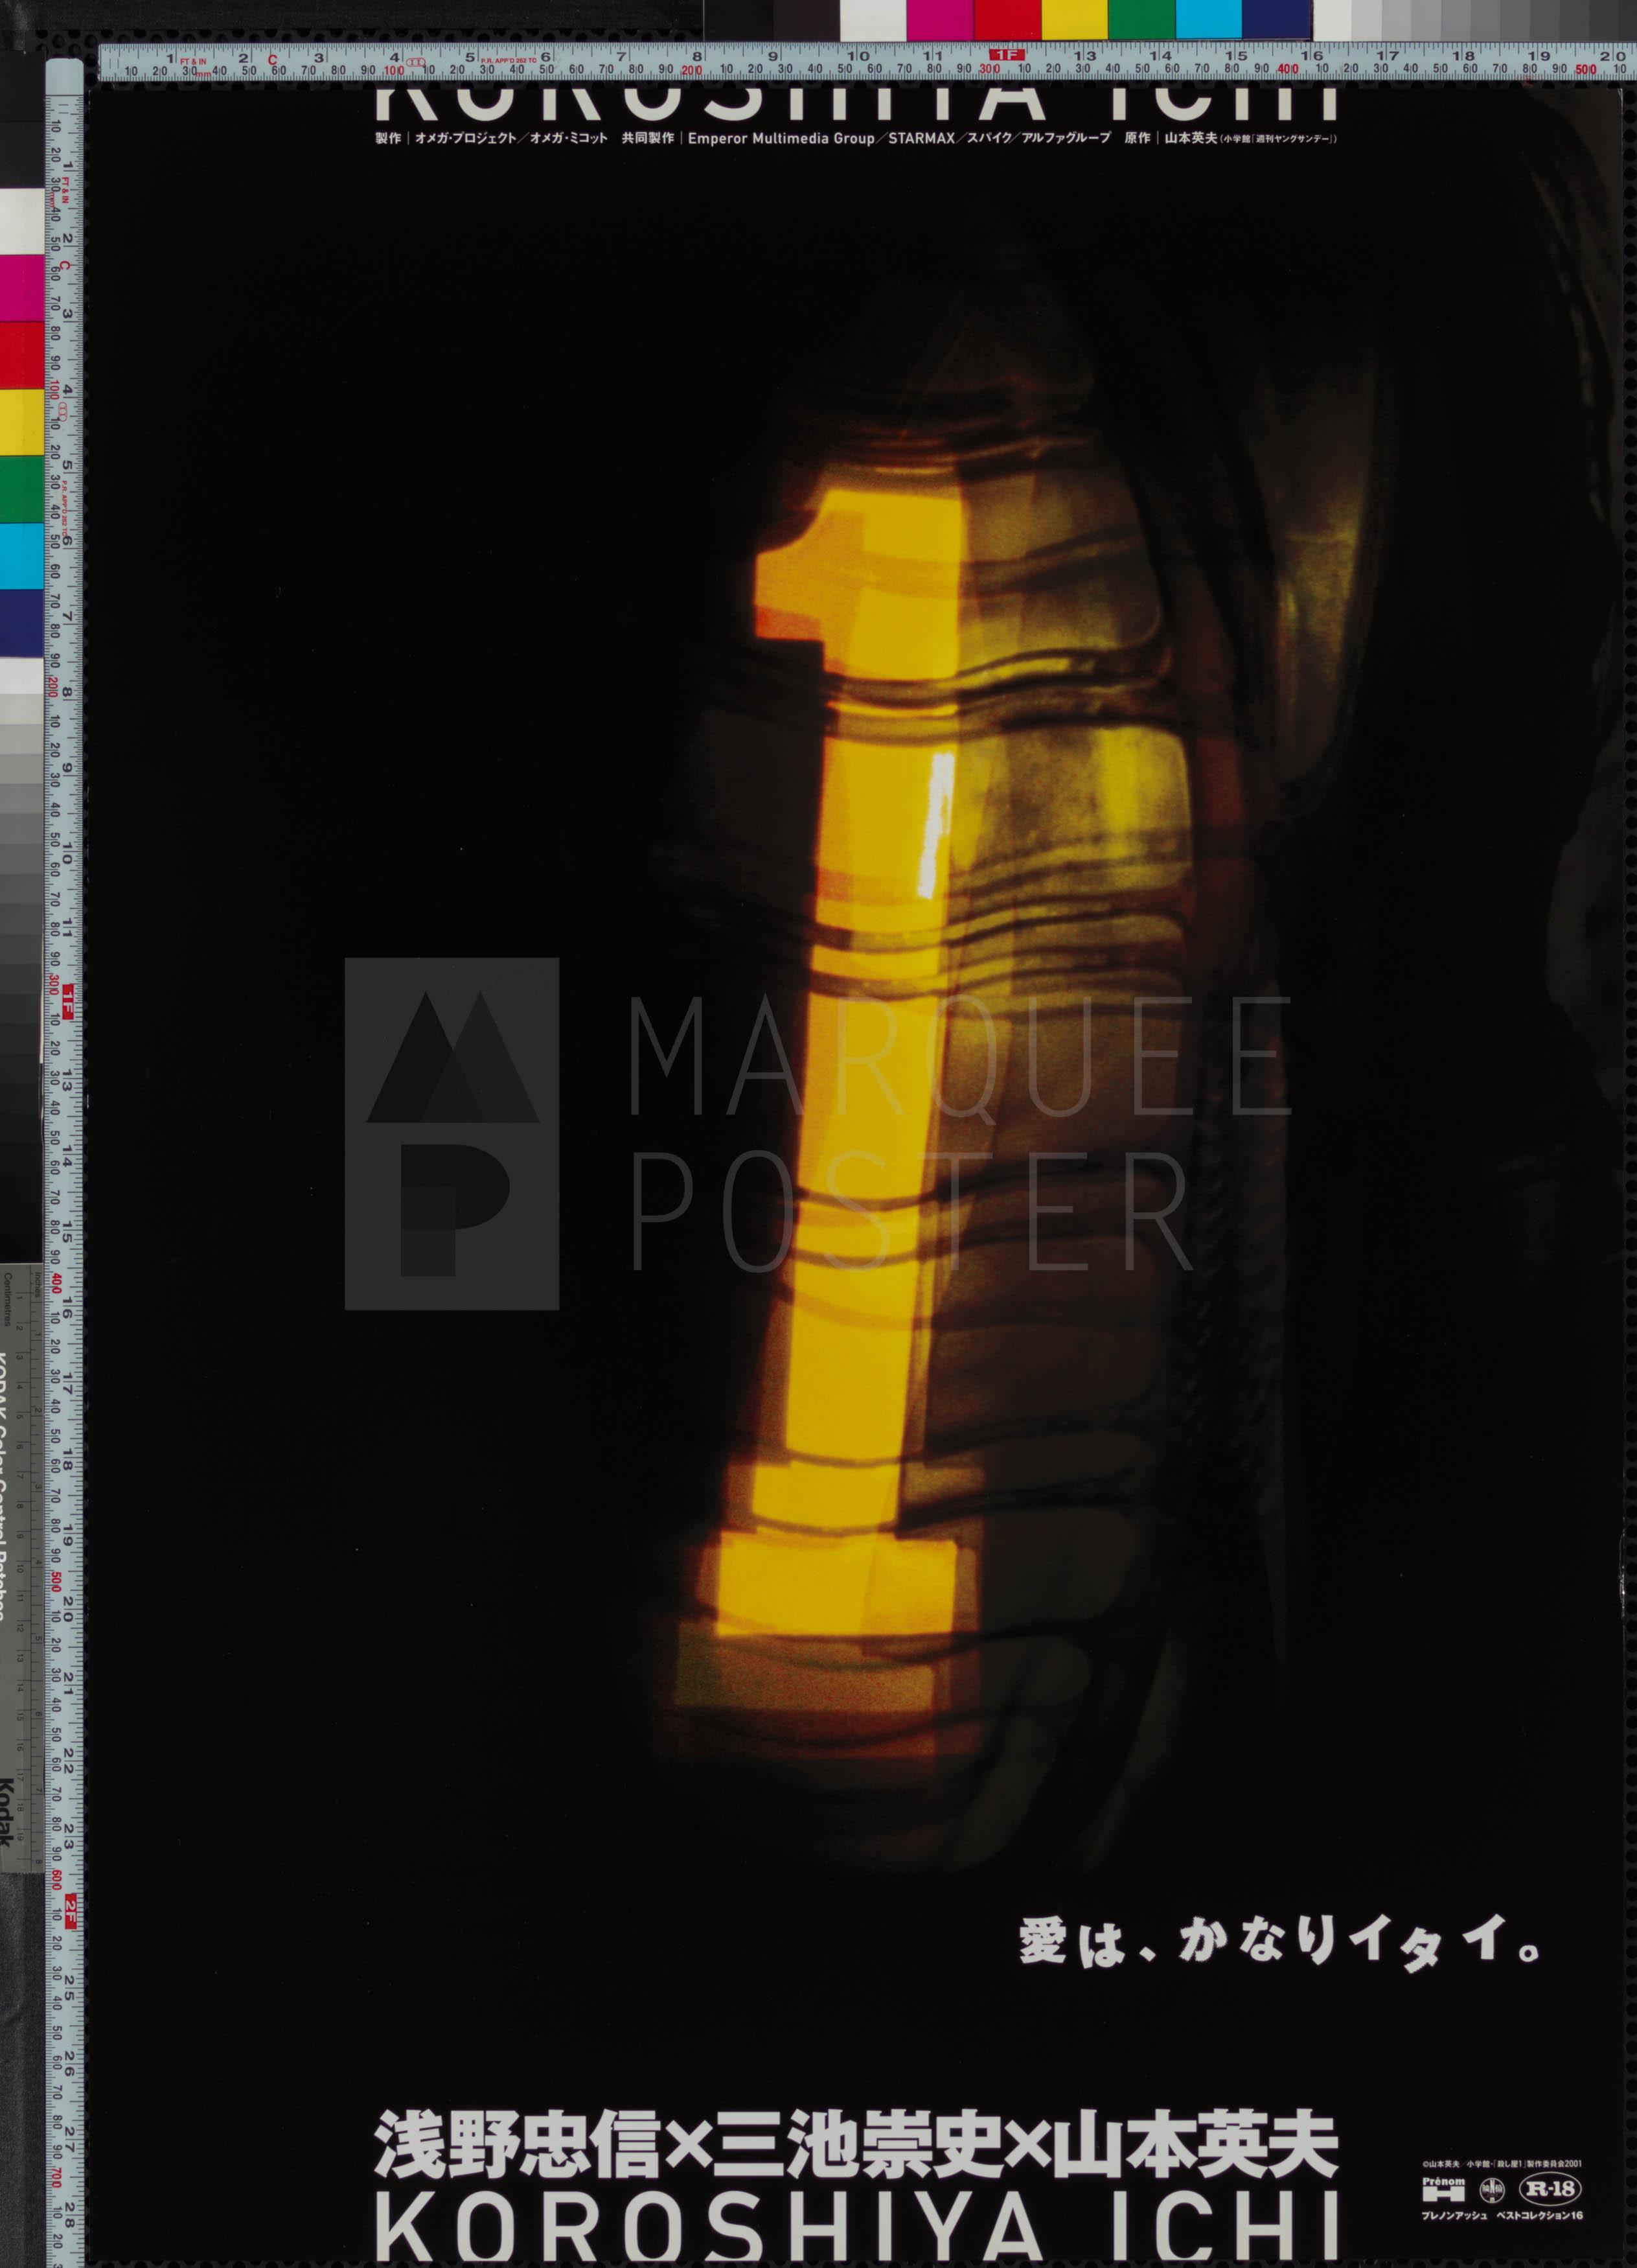 36-ichi-the-killer-teaser-japanese-b2-2001-02